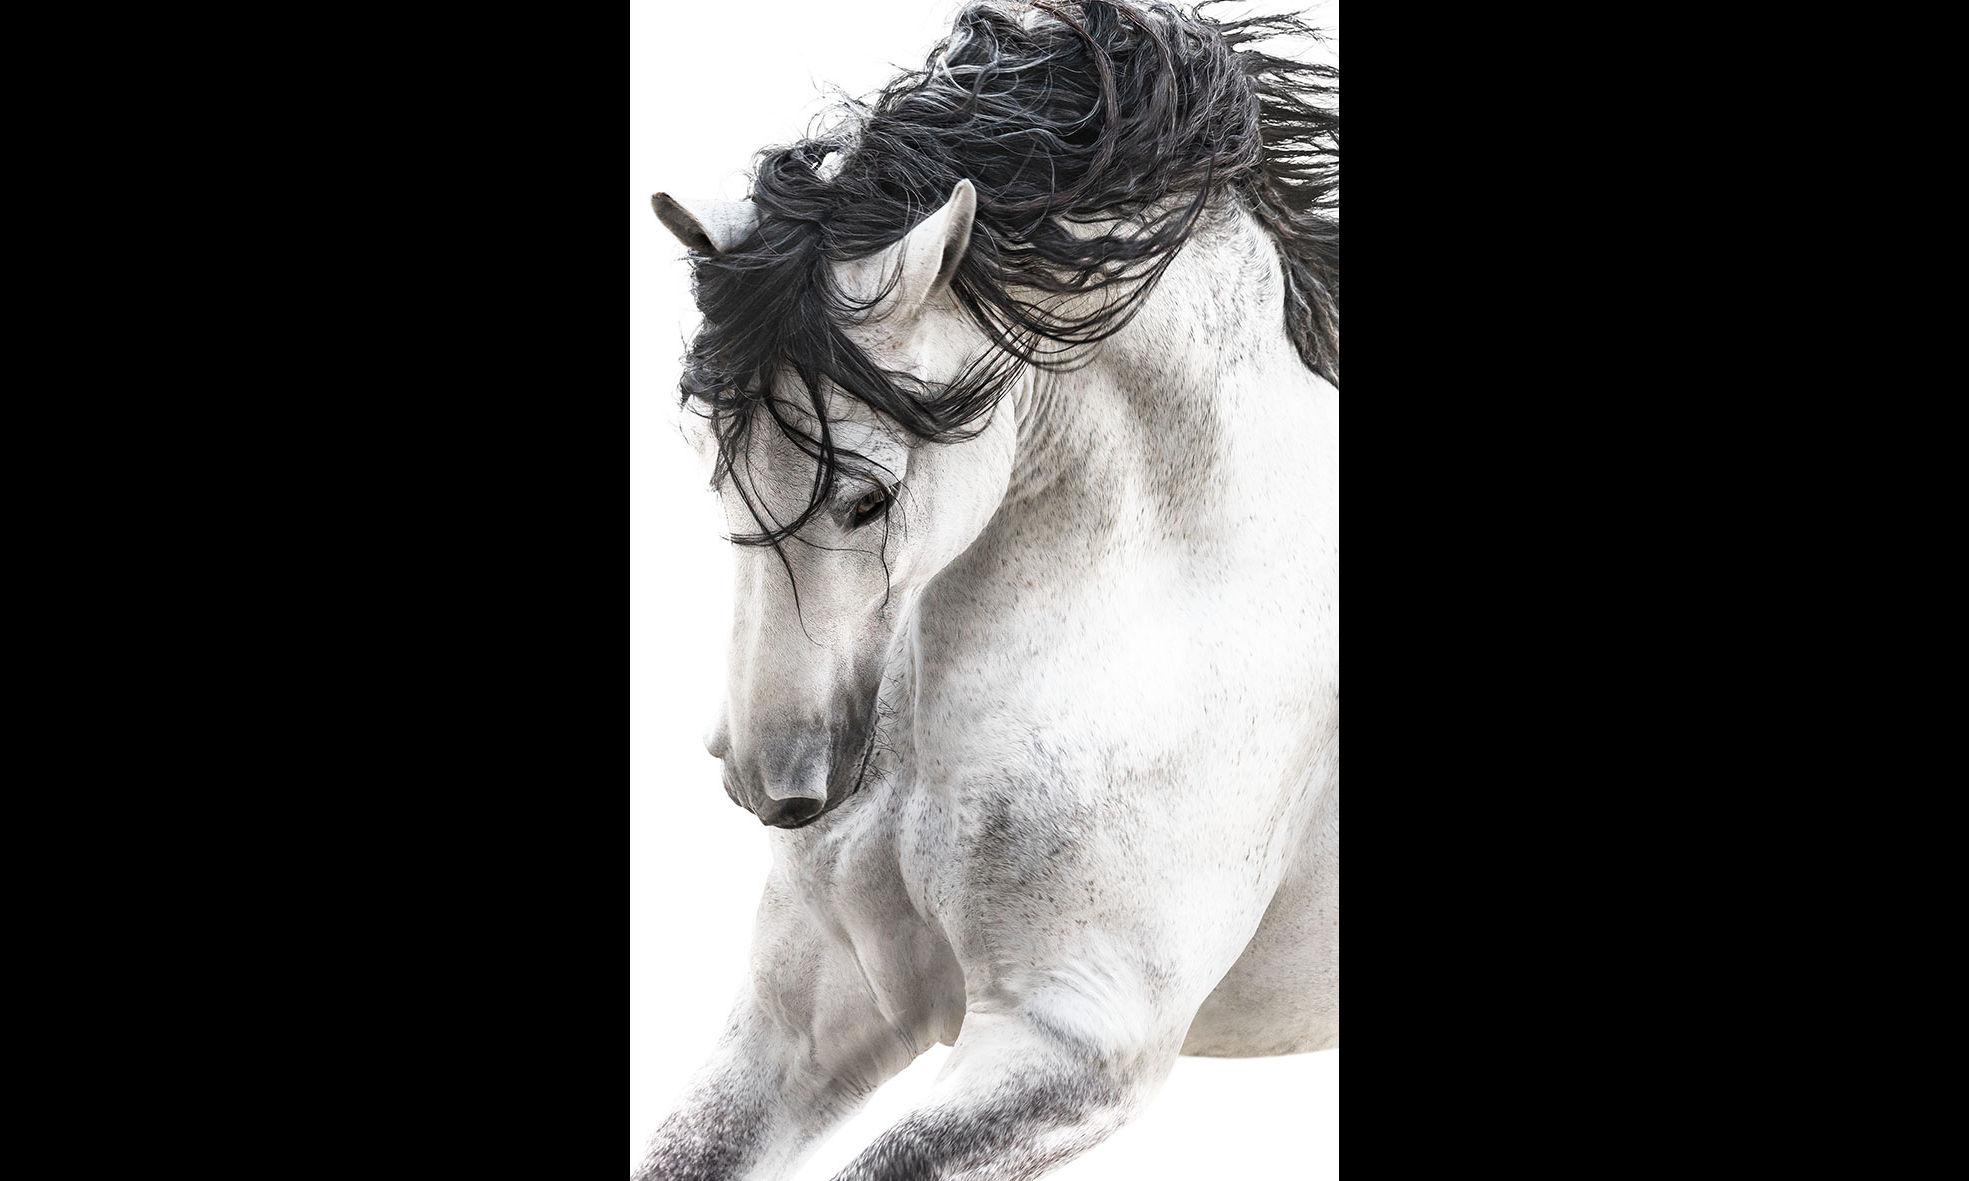 Pepe Soho - Stallion